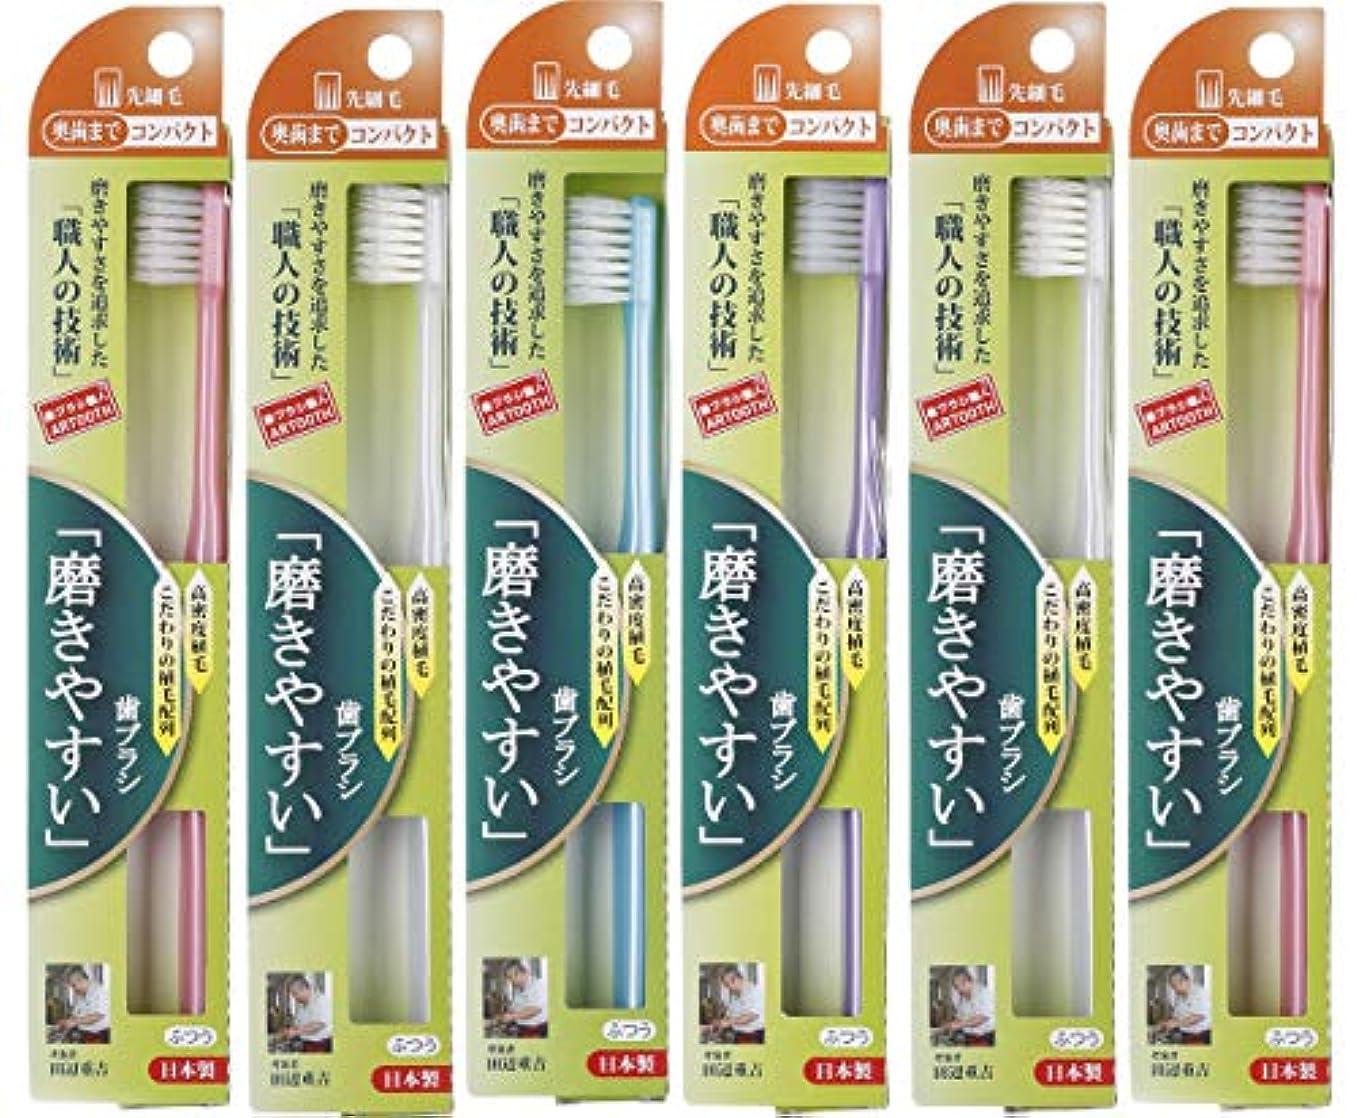 朝の体操をするうなり声等しい歯ブラシ職人 Artooth® 田辺重吉 日本製 磨きやすい歯ブラシ 奥歯まで先細毛SLT-12 (6本入)